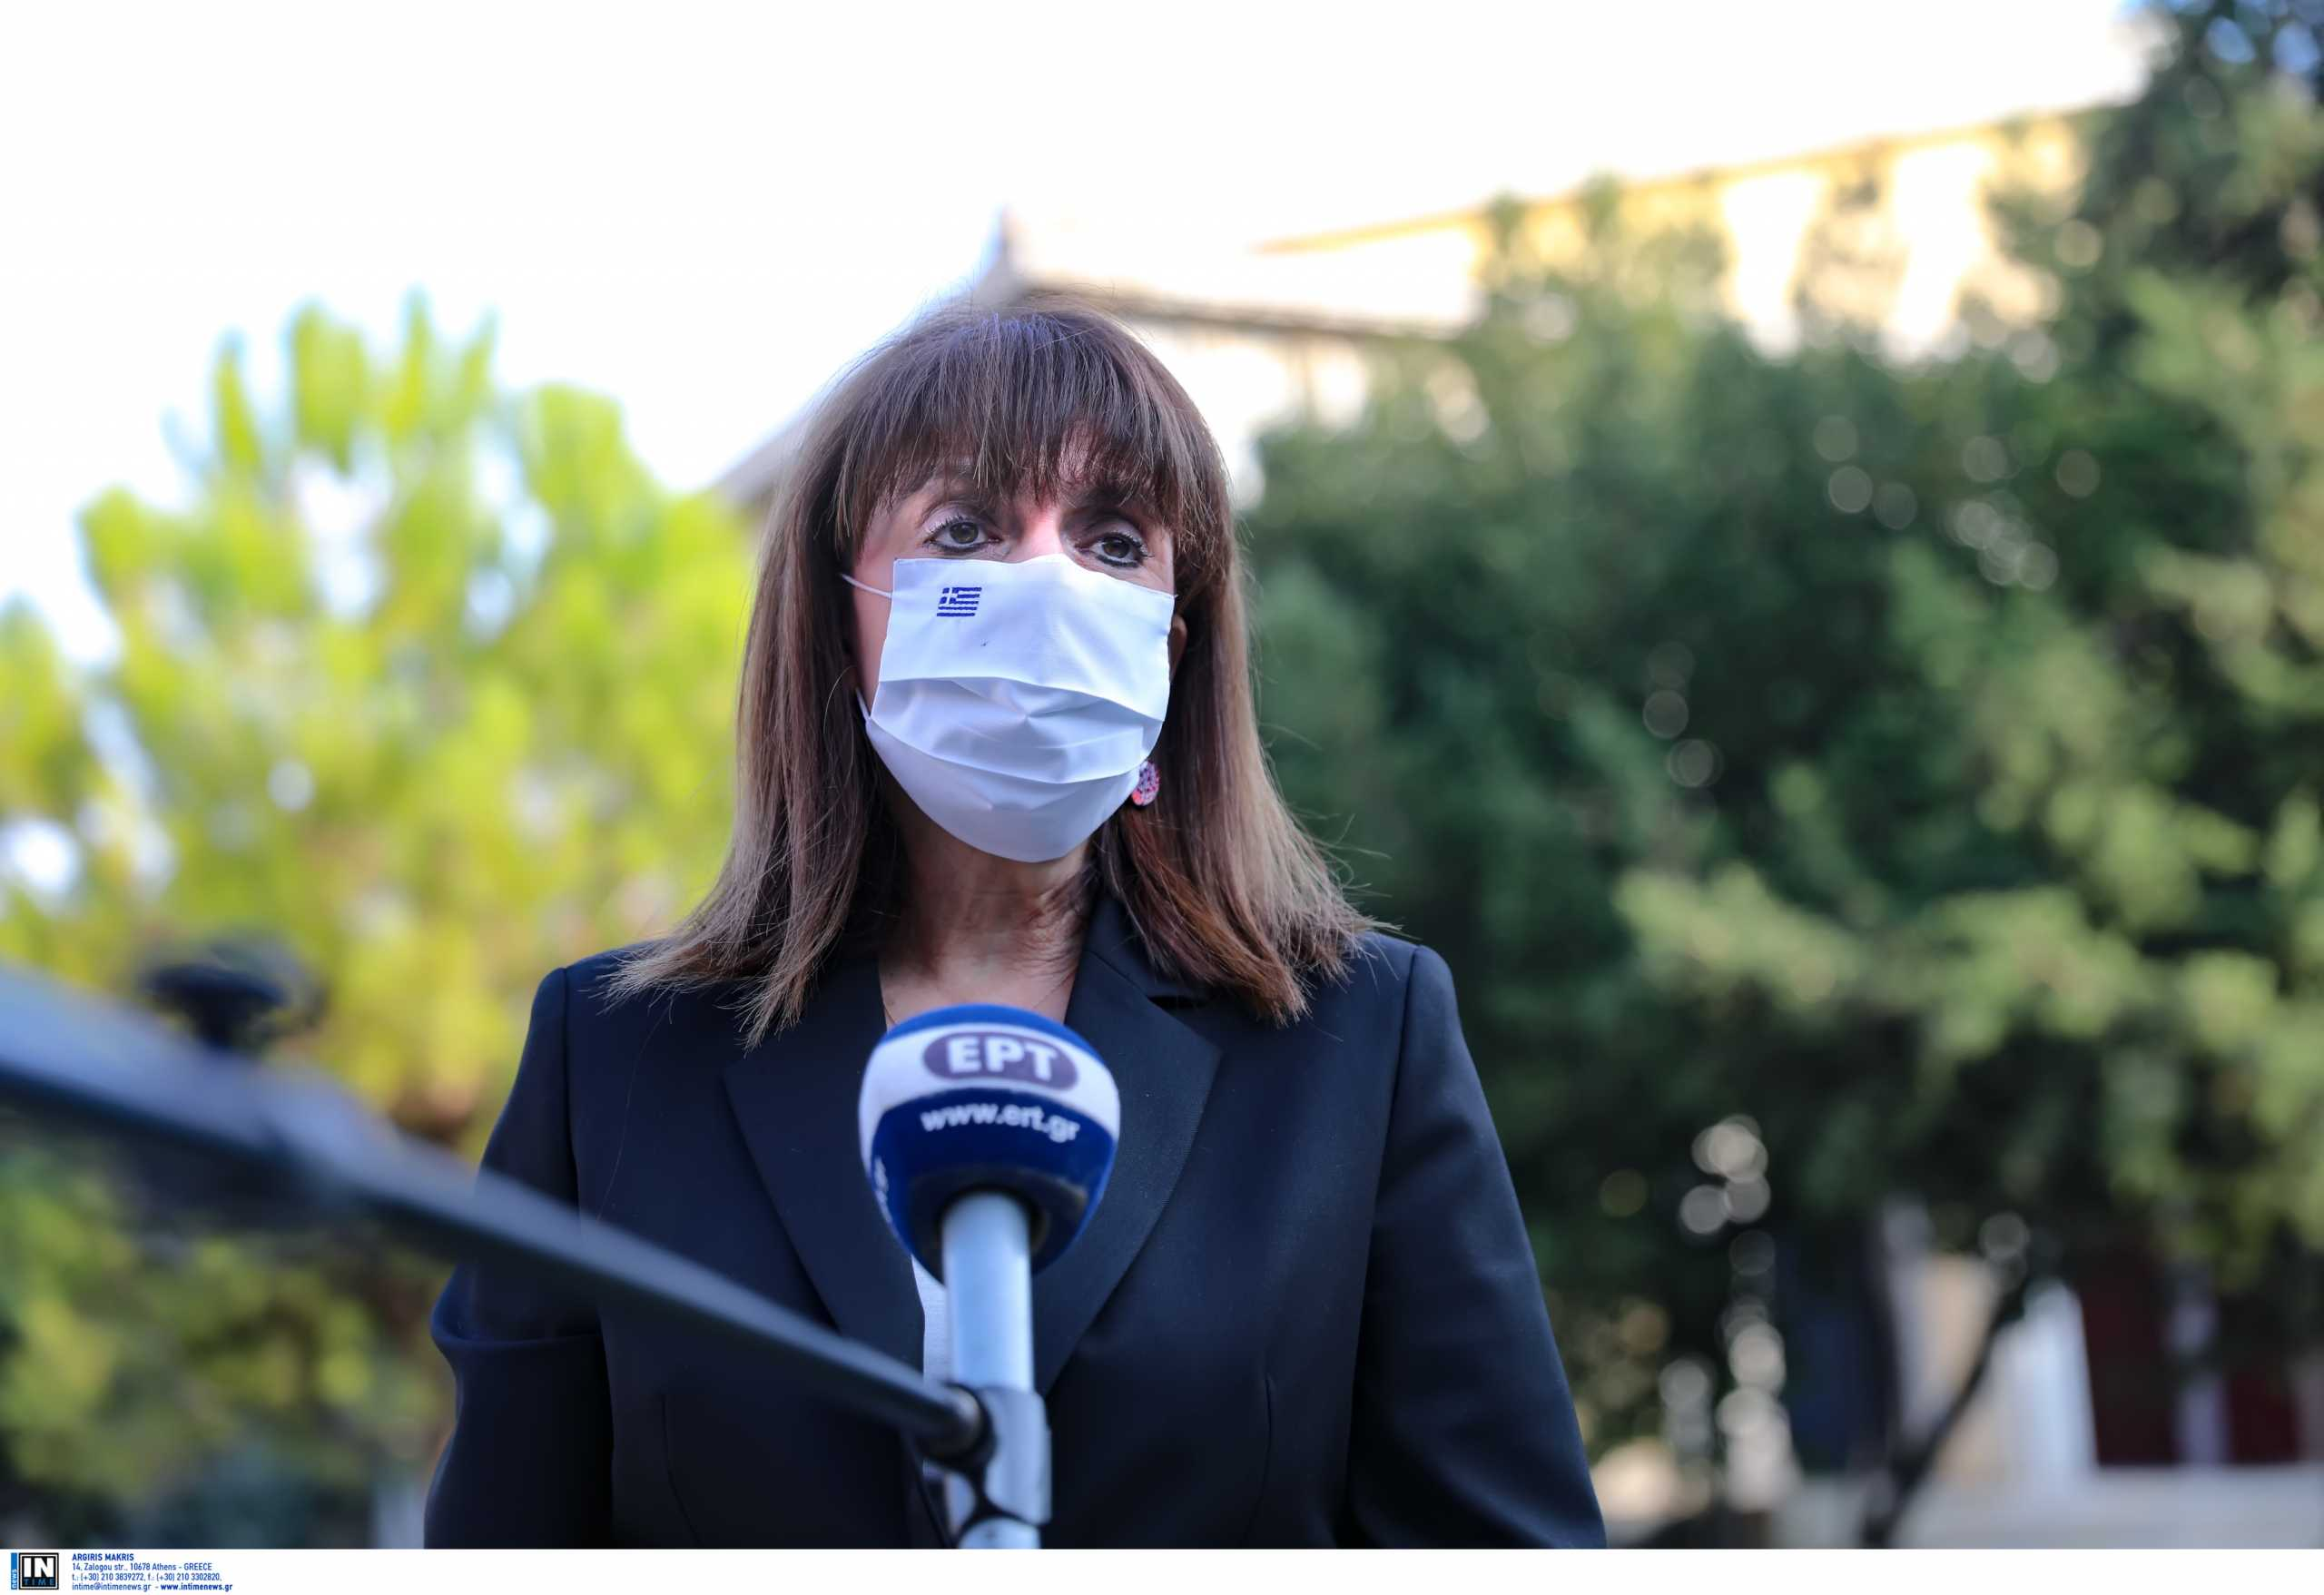 Κατερίνα Σακελλαροπούλου: Έτος ελπίδας και ανάκαμψης το 2021 – Τι λέει στο Πρωτοχρονιάτικο μήνυμά της